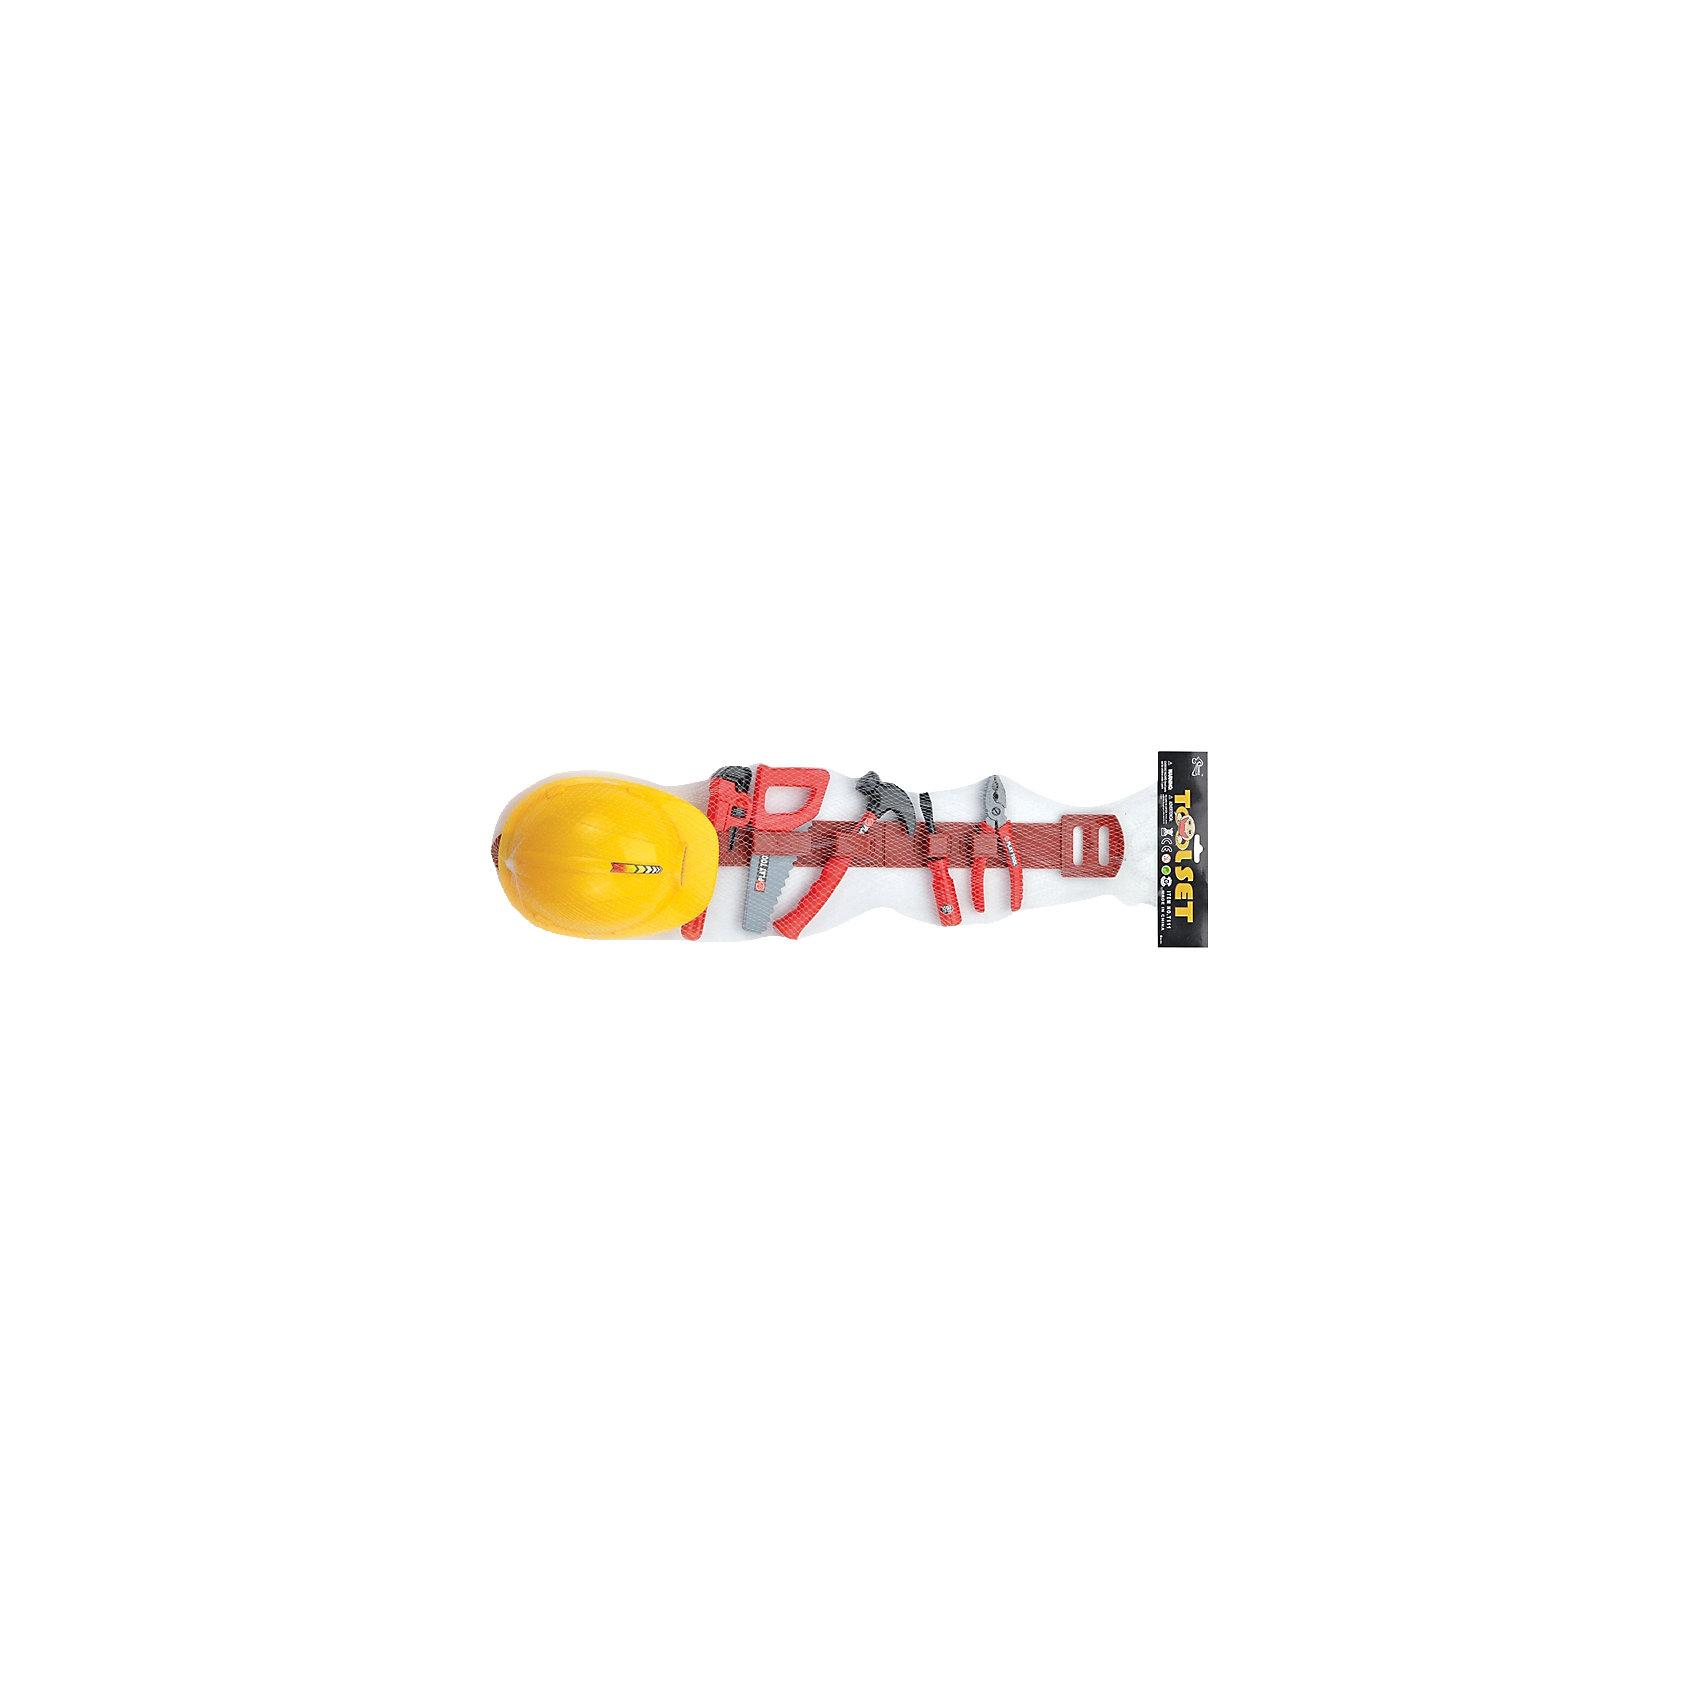 Игровой набор инструментов Умелец (9 предм., на ремне), ALTACTOМастерская и инструменты<br>Набор пластмассовых инструментов с каской из 7 предметов.<br>Все инструменты удобно закрепляются на специальном ремне<br><br>Дополнительная информация:<br><br>Материал: пластик<br>Размеры упаковки: 70 х 21 х 5 см<br><br>Игровой набор инструментов Умелец (9 предм., на ремне), ALTACTO можно купить в нашем магазине.<br><br>Ширина мм: 700<br>Глубина мм: 210<br>Высота мм: 50<br>Вес г: 180<br>Возраст от месяцев: 36<br>Возраст до месяцев: 72<br>Пол: Мужской<br>Возраст: Детский<br>SKU: 4590216